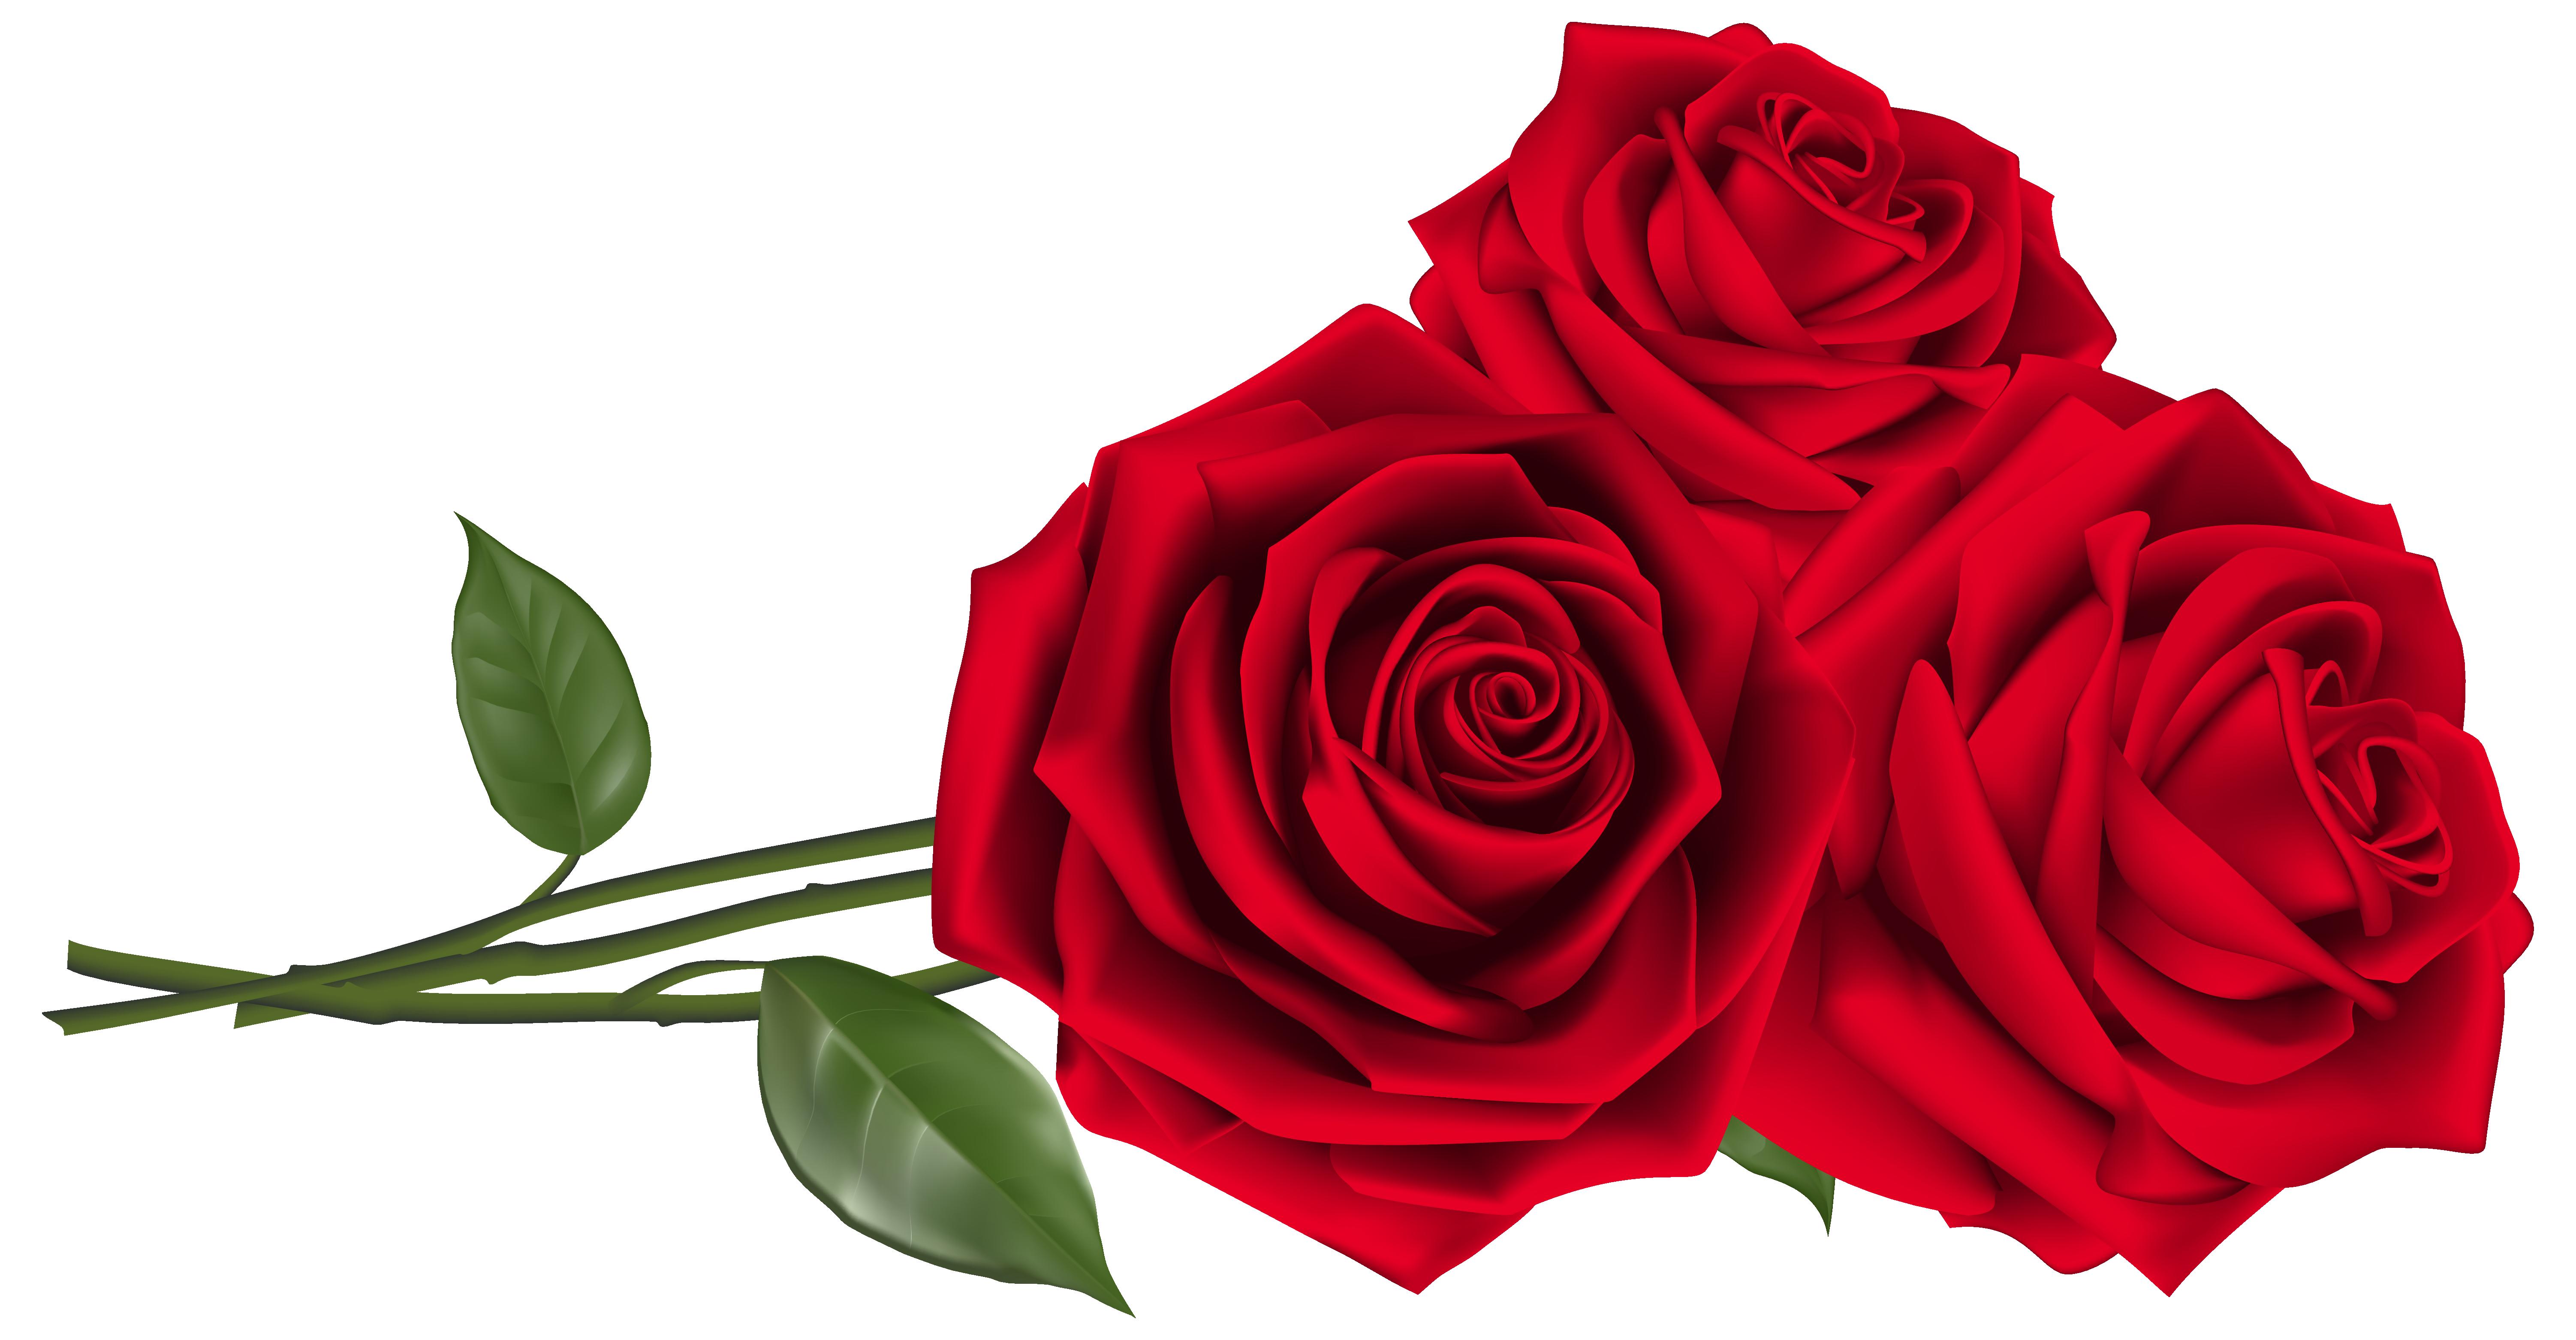 Roses Jpg 6007 3124 Red Roses Beautiful Red Roses Red Rose Petals